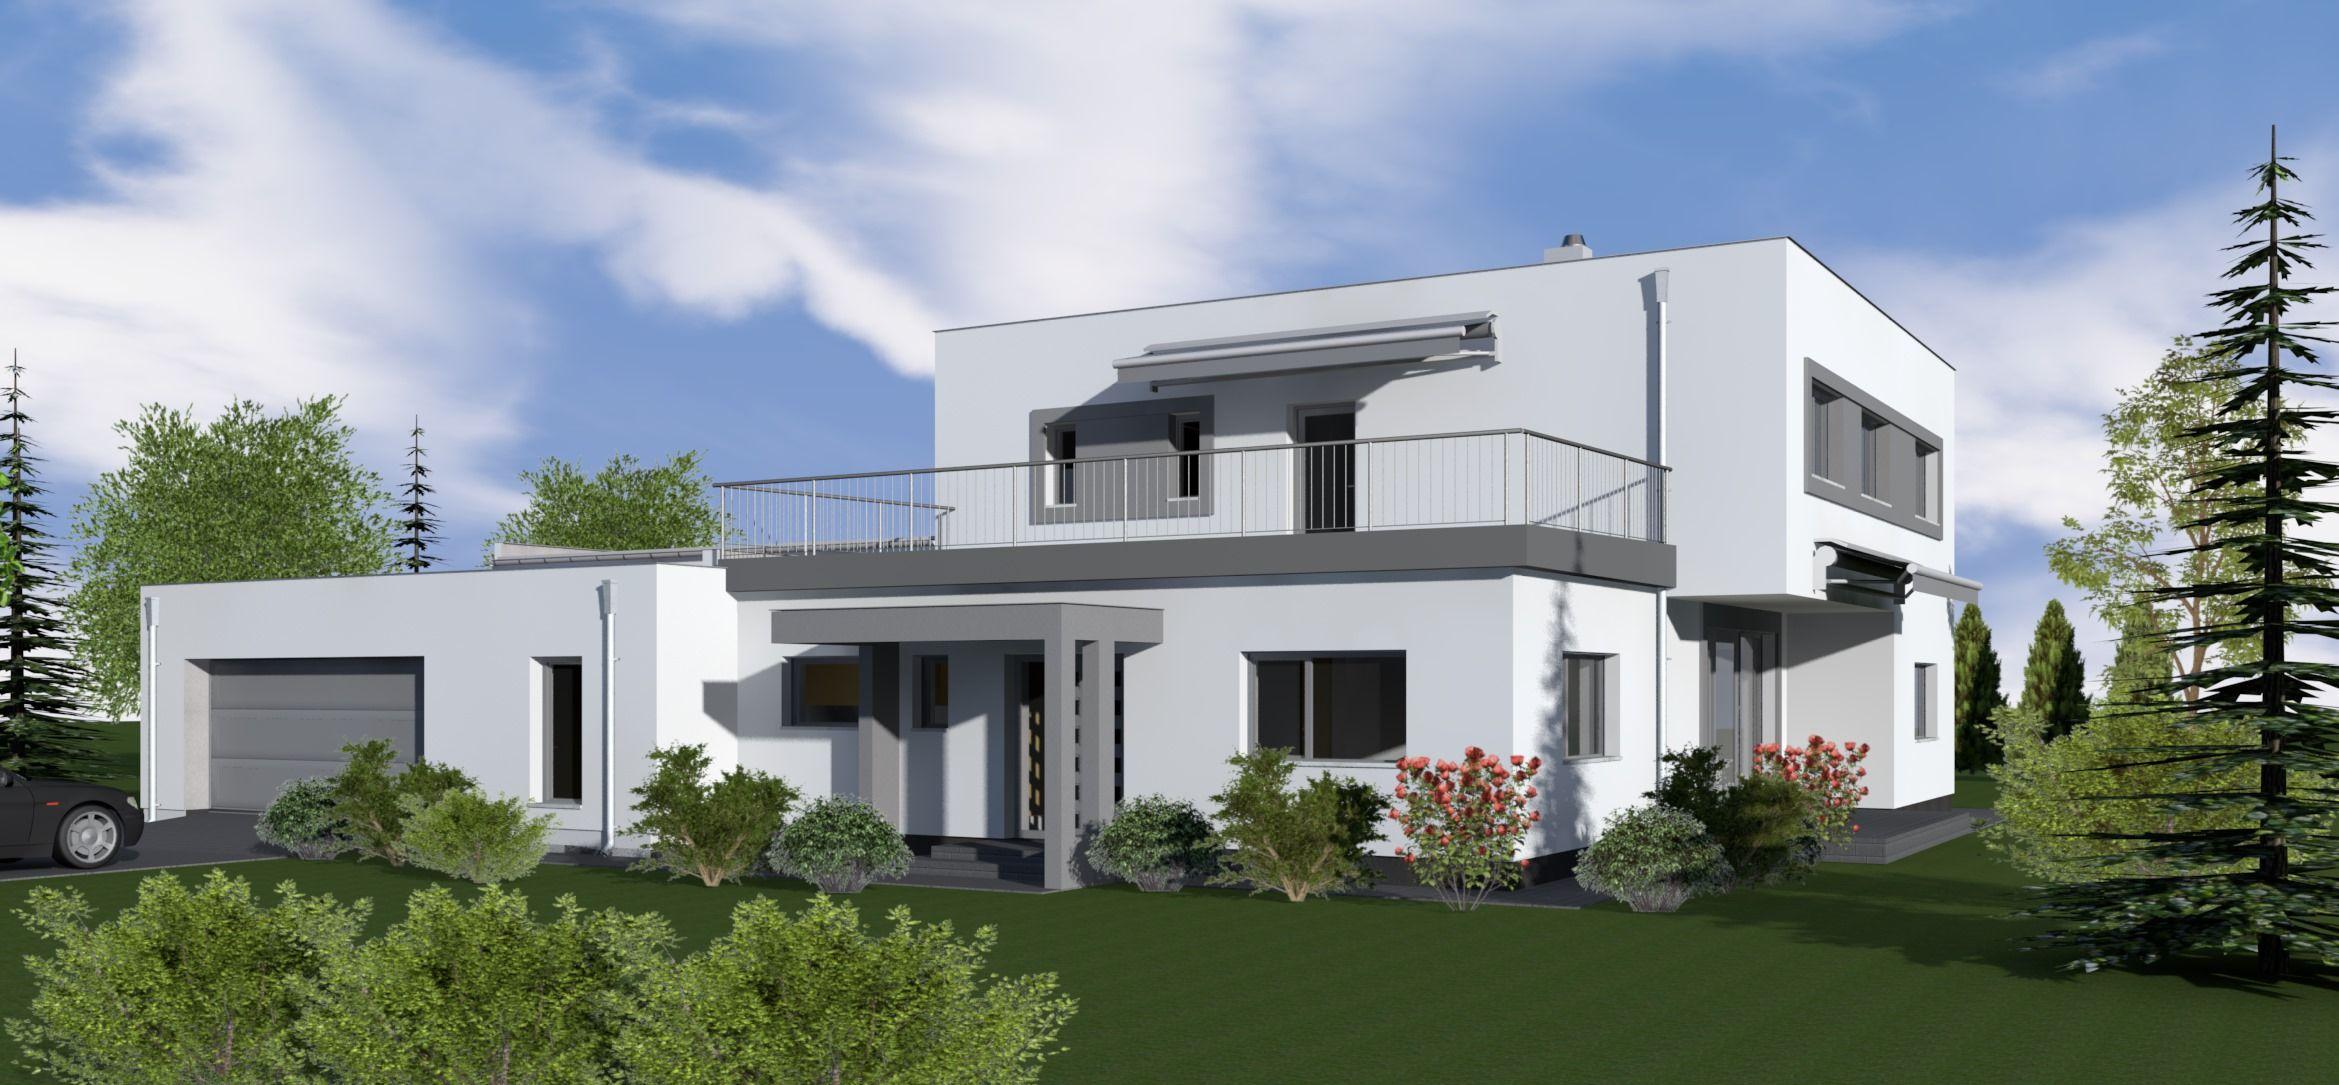 Cegléd lapostetős családi ház 3d digitális modellezése